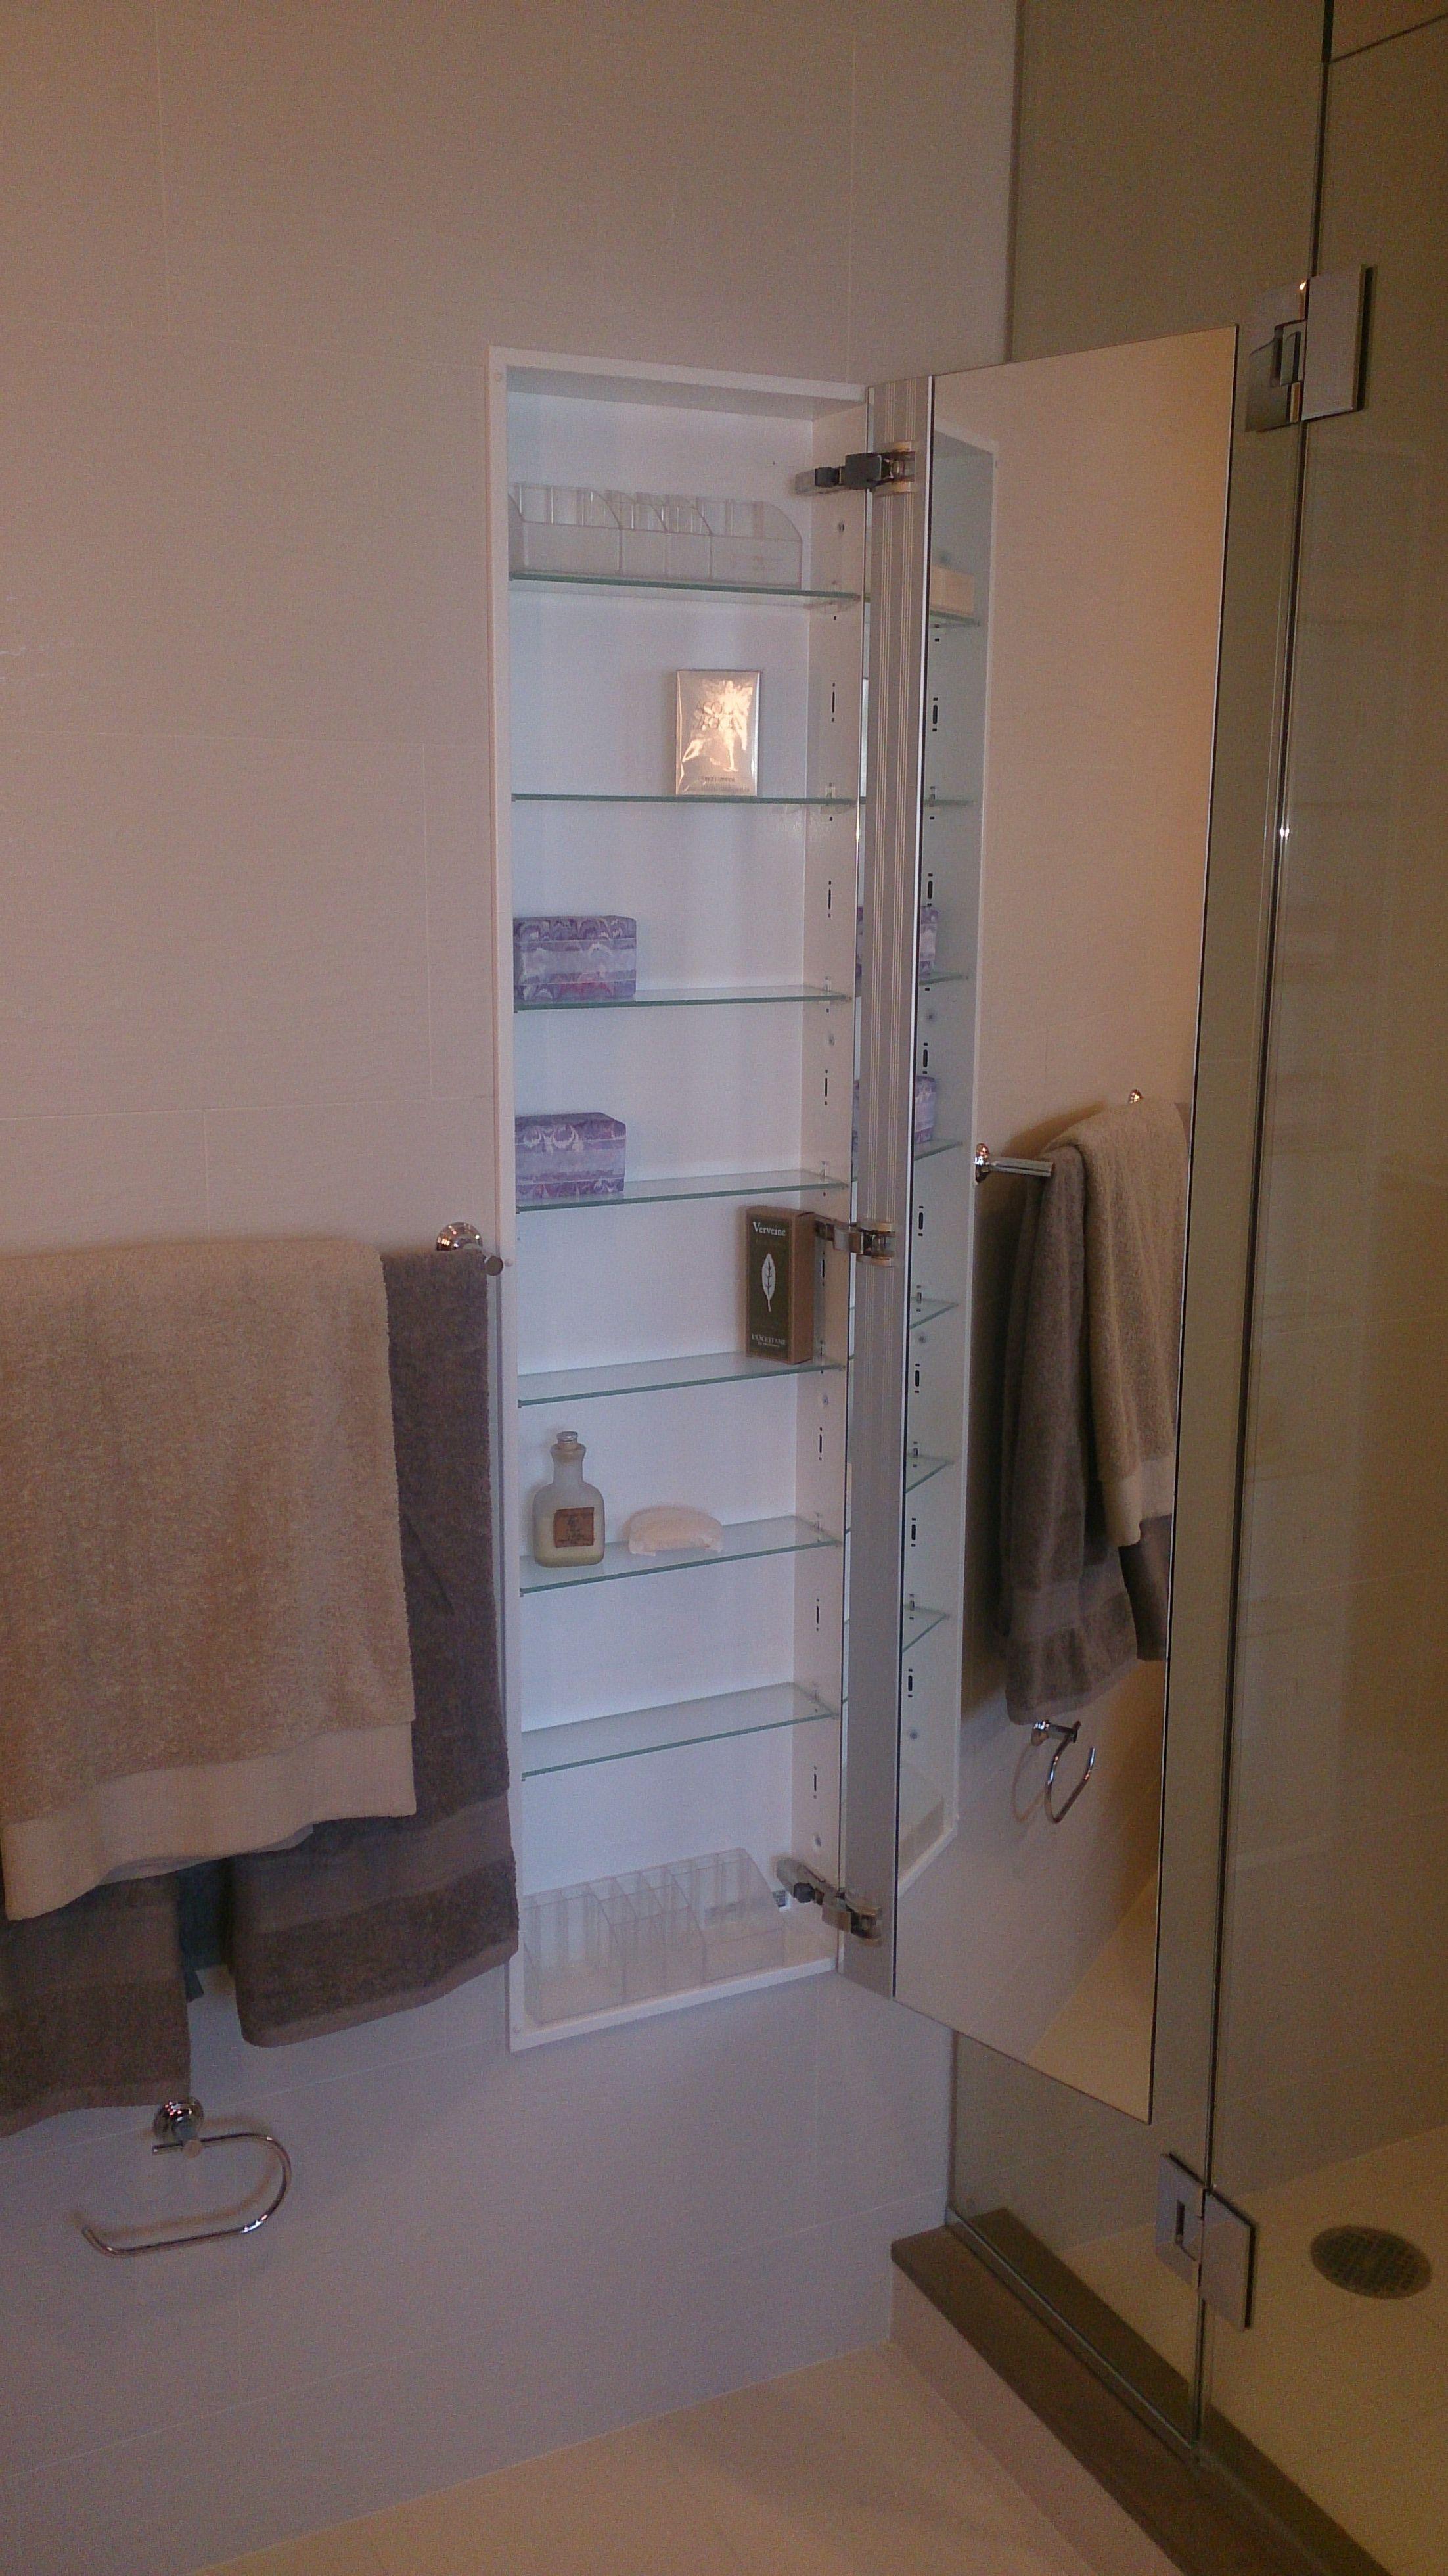 Sidler Custom Medicine Cabinet 15 X 60 With Images Bathroom